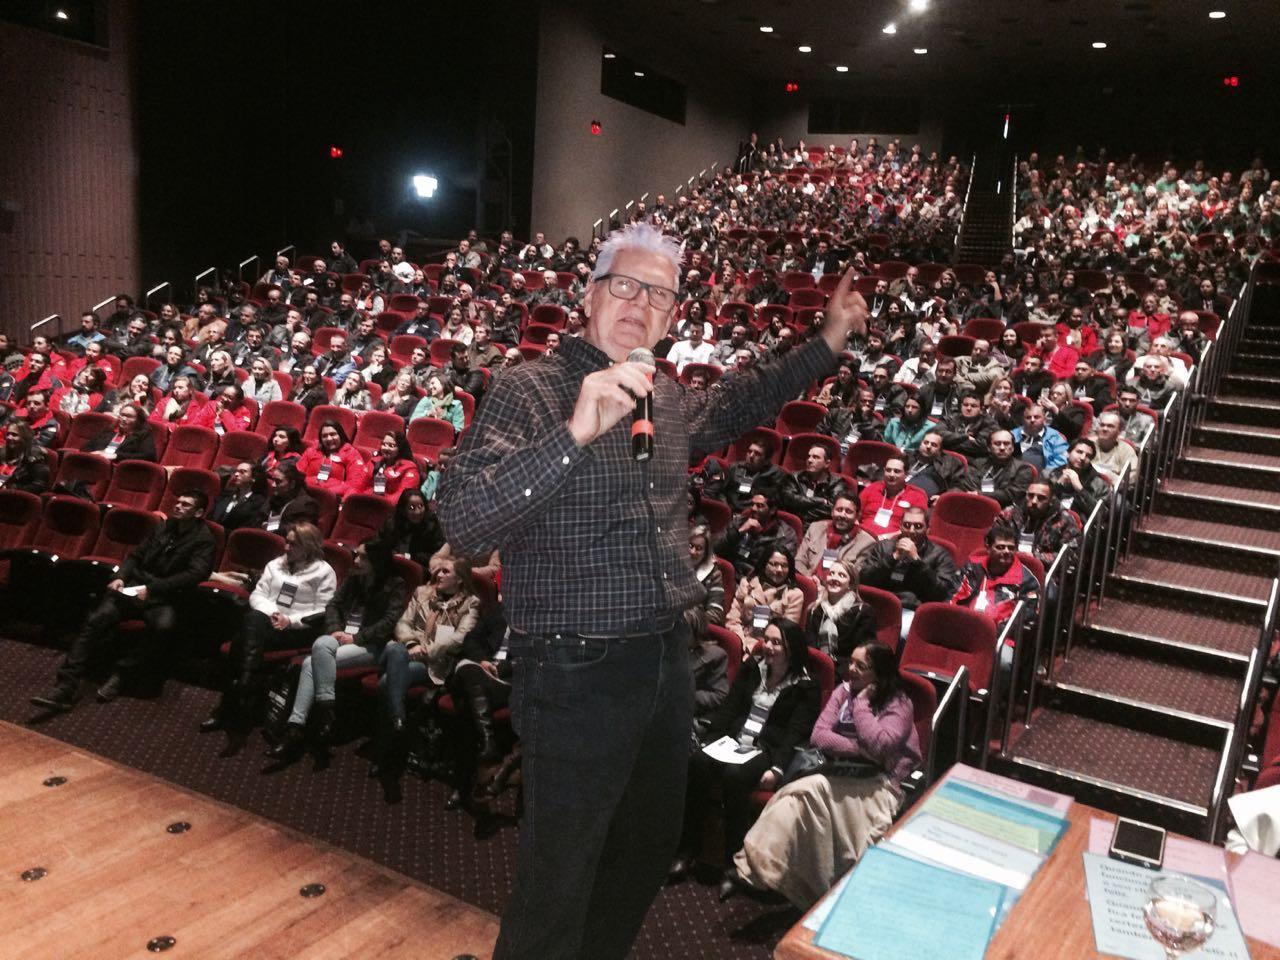 Palestra Motivacional Em Porto Alegre Prof Gretz